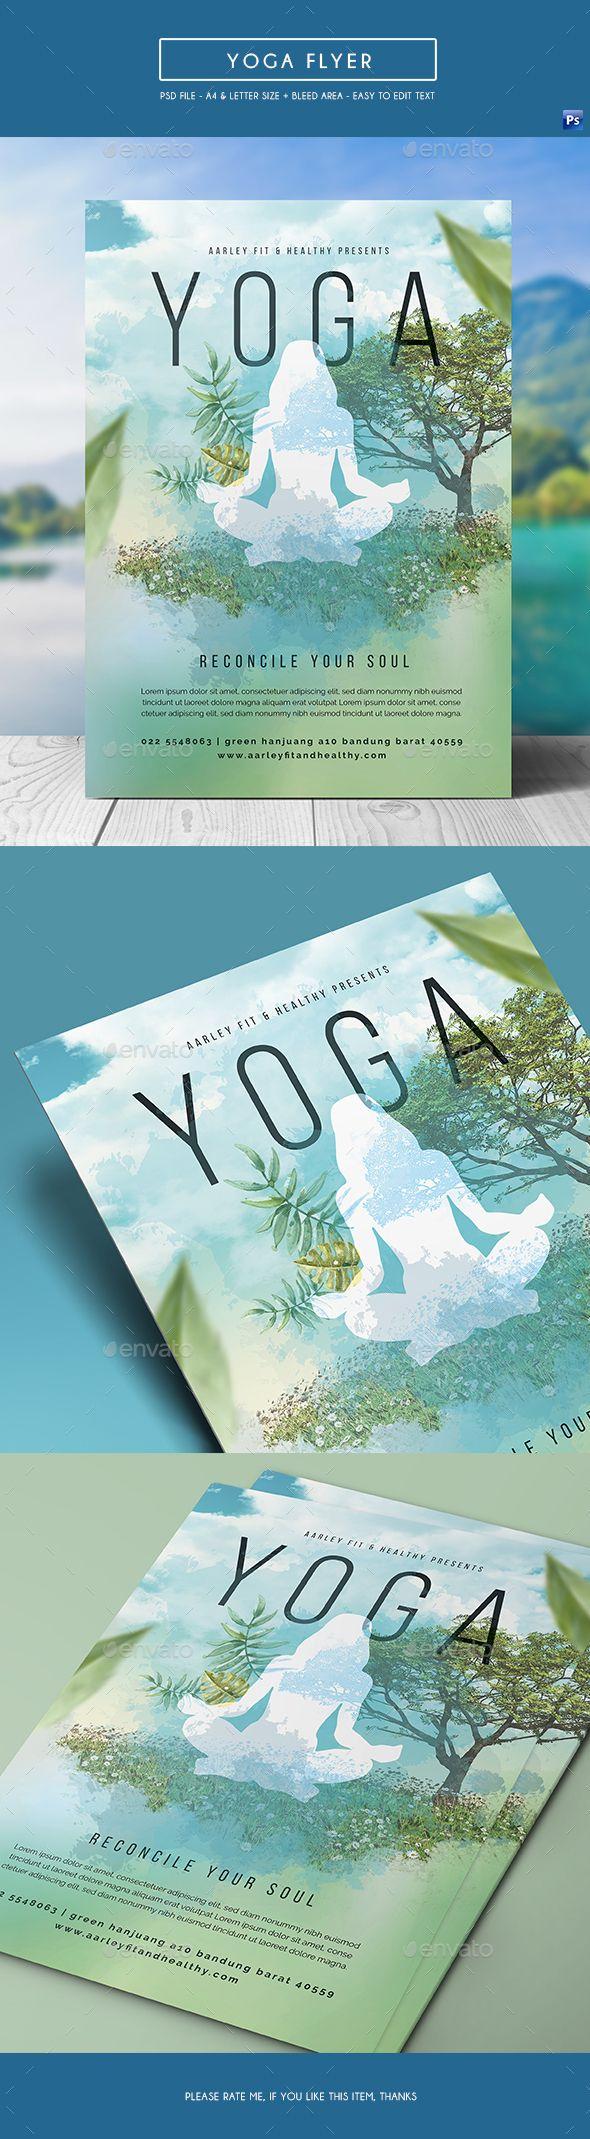 Mejores 100 imágenes de Рисунки en Pinterest | Inspiración de yoga ...